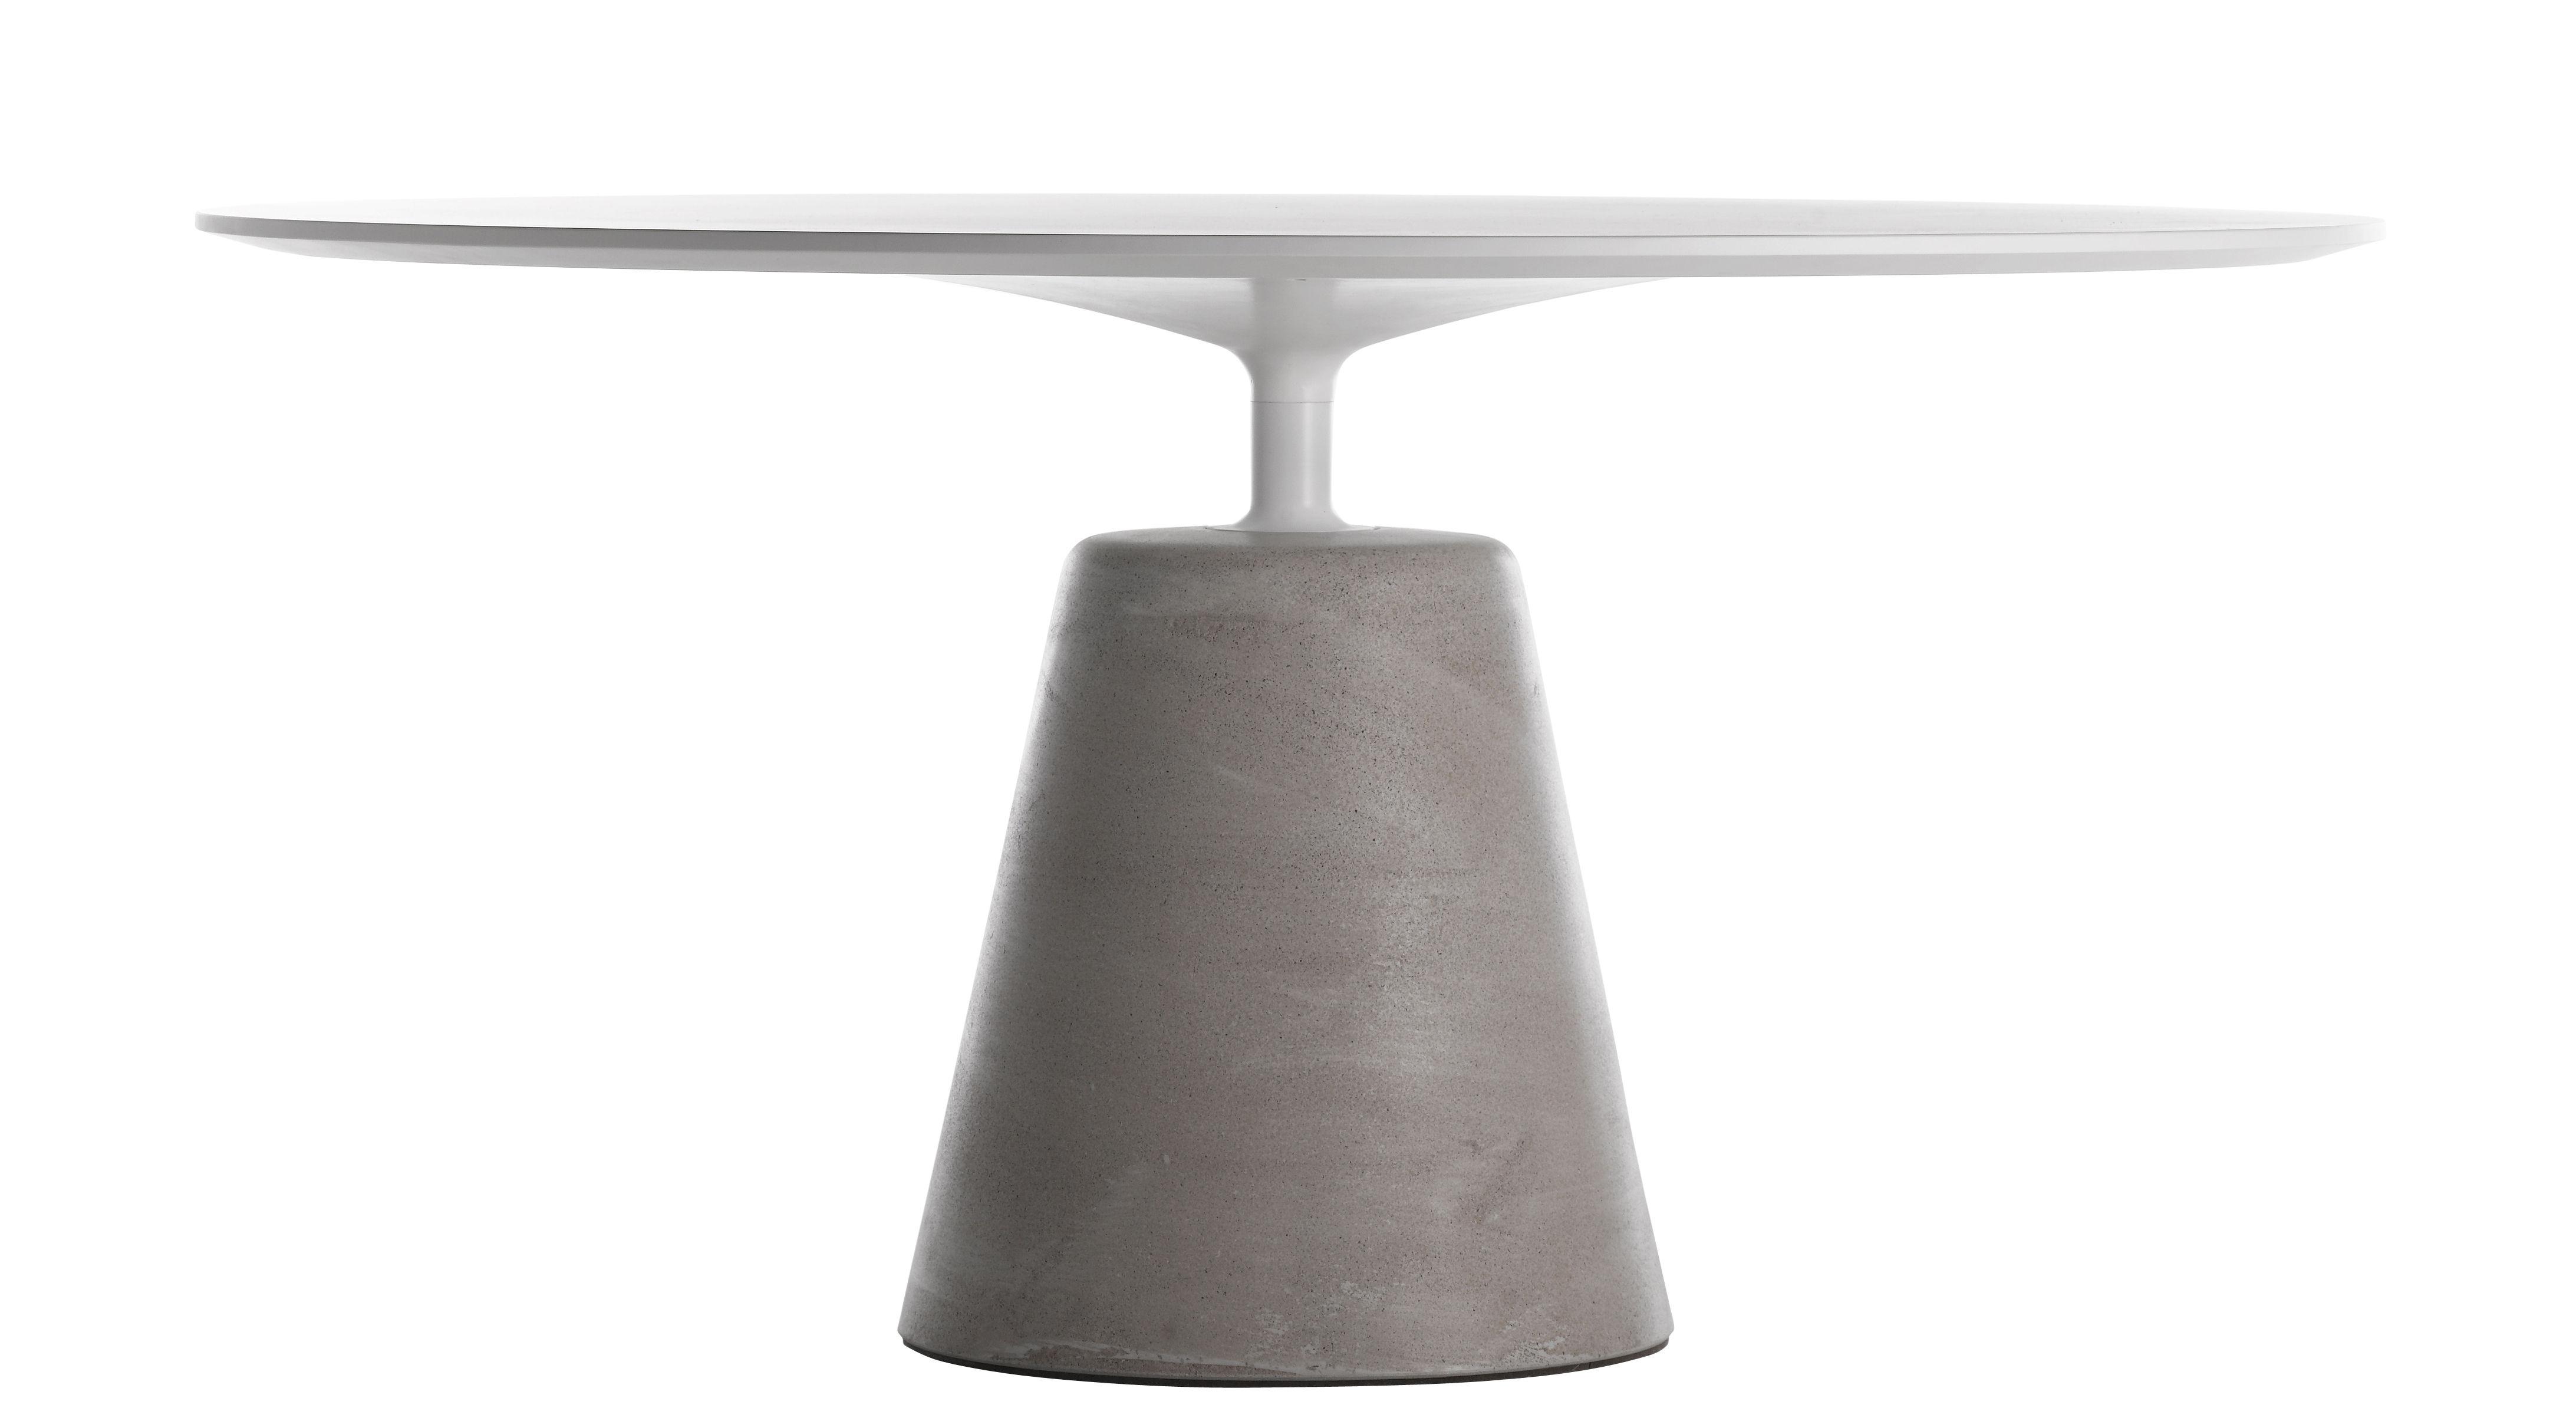 Möbel - Tische - Rock Runder Tisch / Ø 120 cm - MDF Italia - Ø 120 cm / weiß & heller Beton - bemaltes Aluminium, Beton, Holzfaserplatte